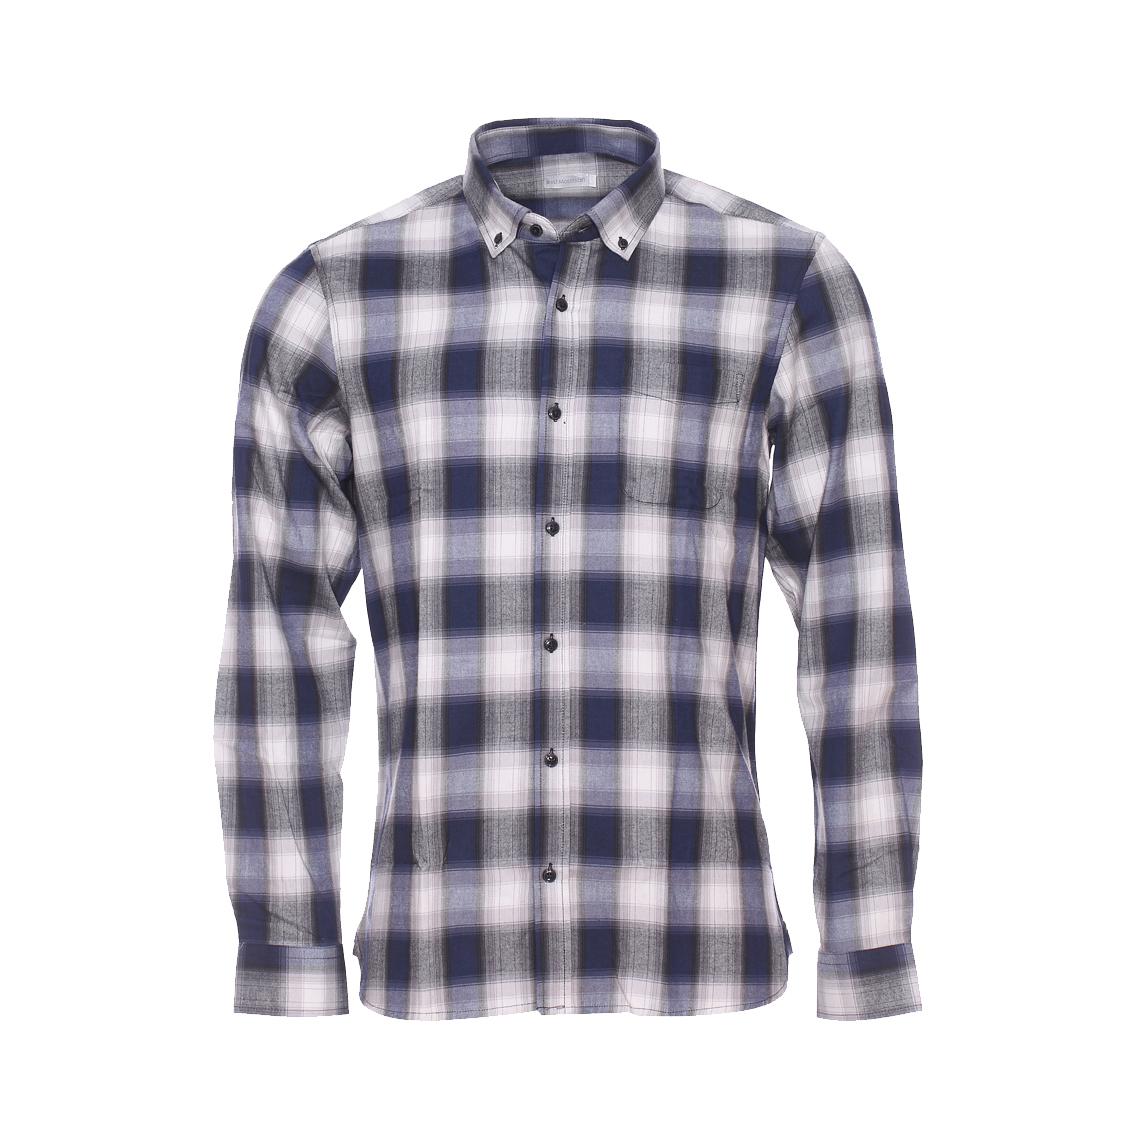 Chemise ajustée  en coton à carreaux gris, noirs et bleu marine